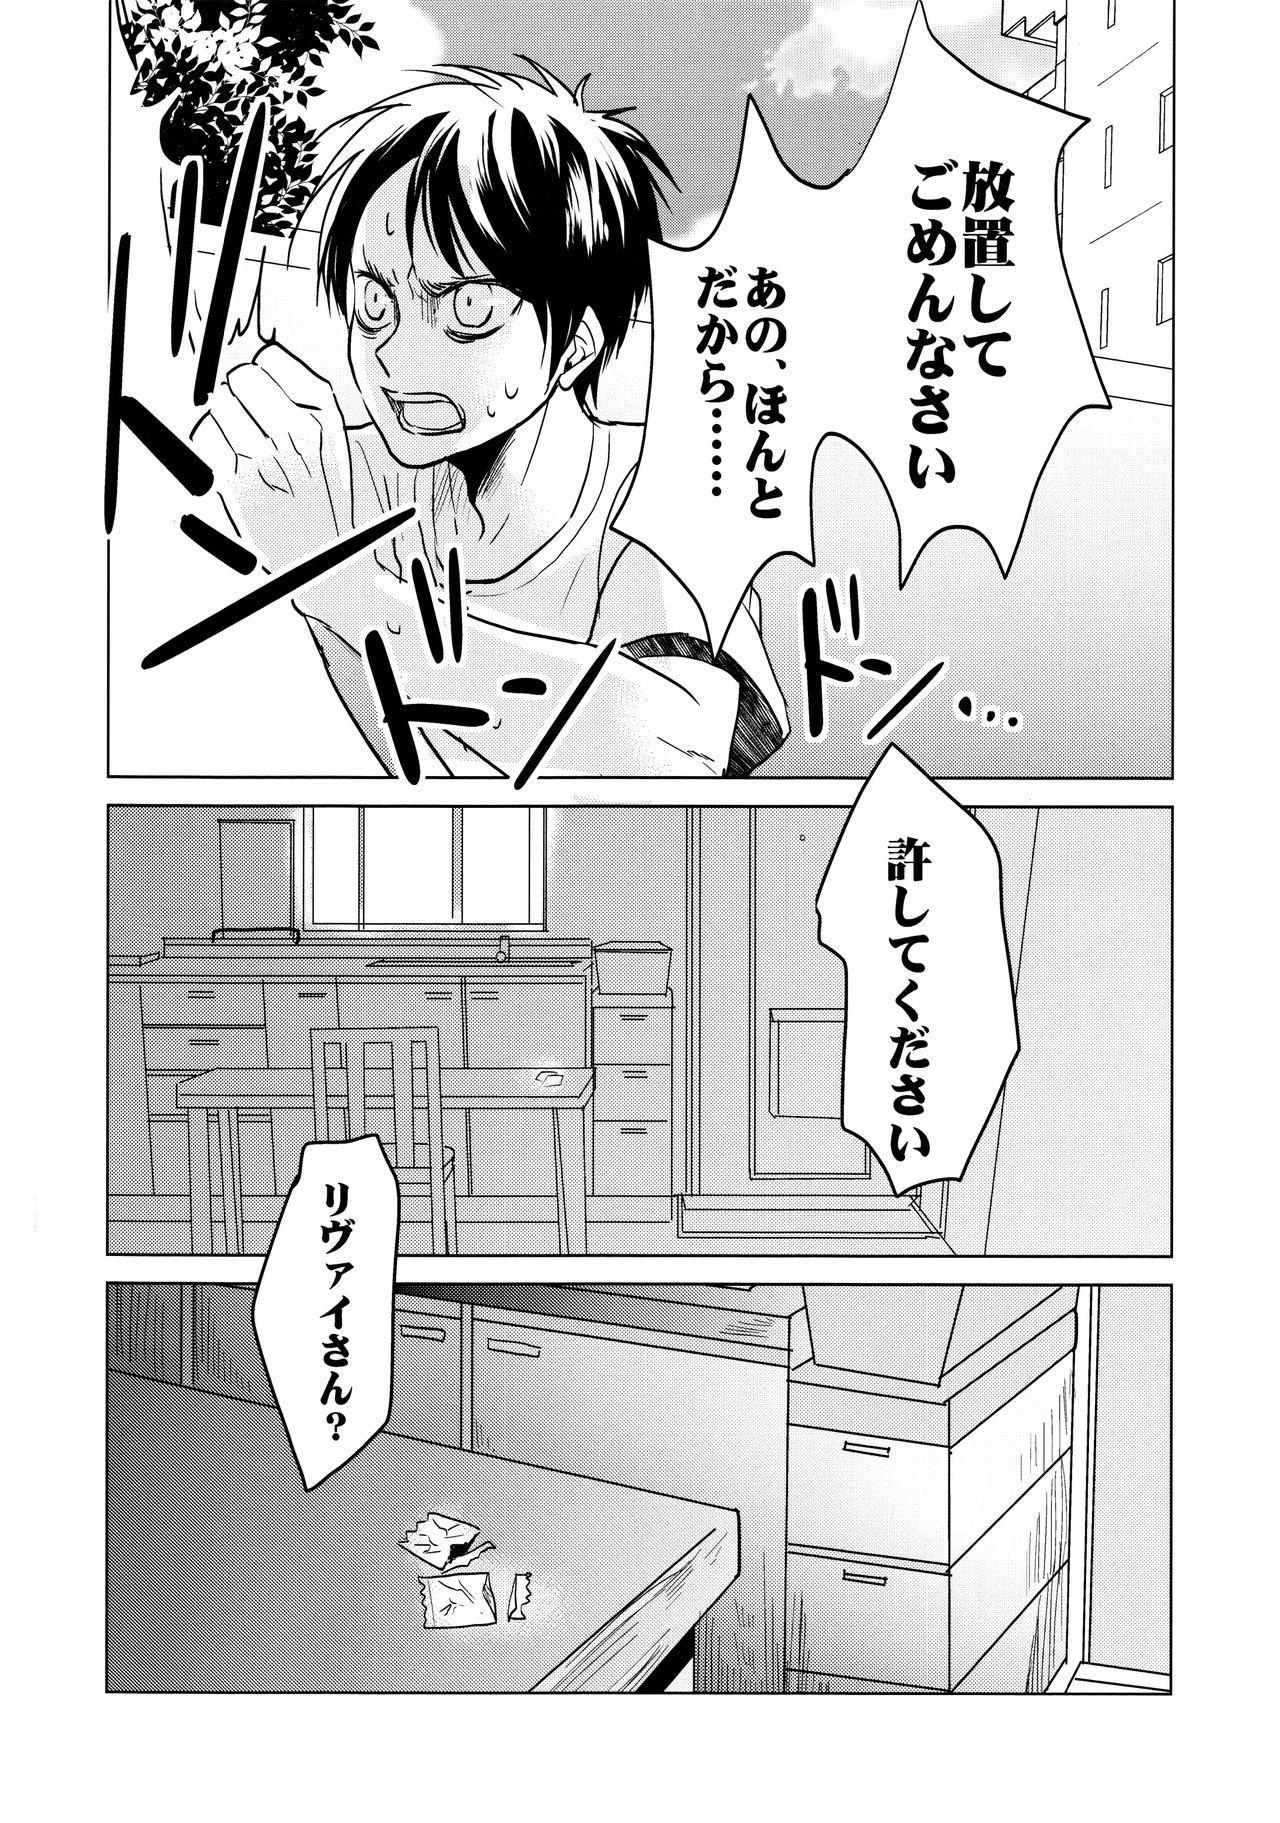 Gochidou-sama deshita. 48